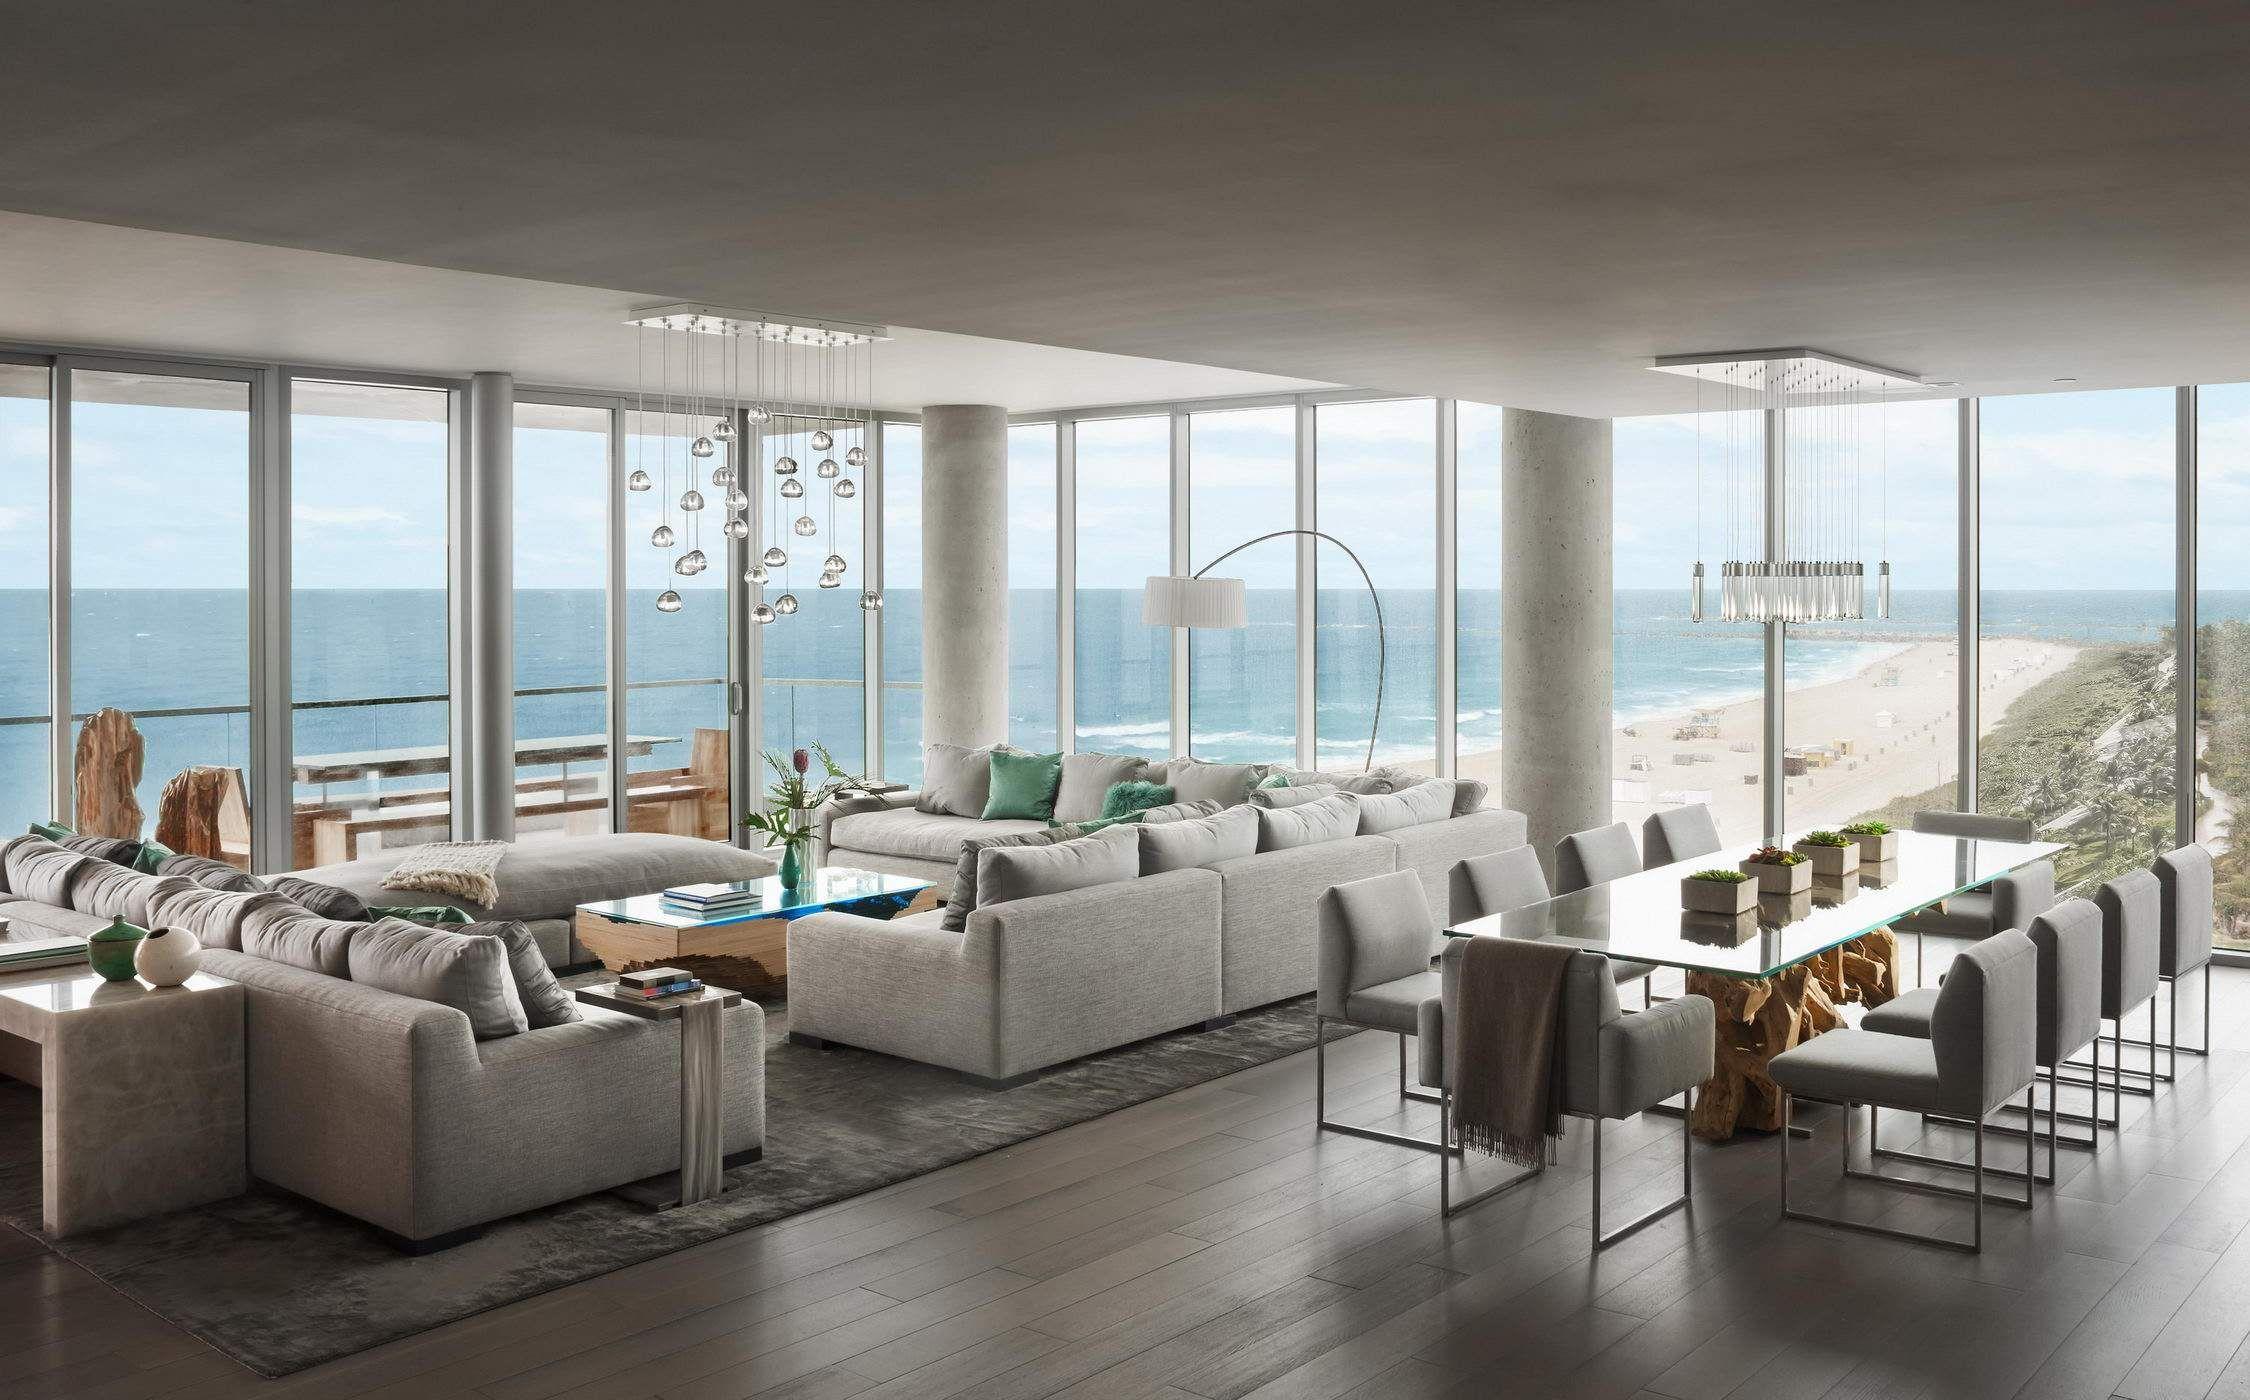 Un ático De Lujo Con Vistas Al Océano En Miami